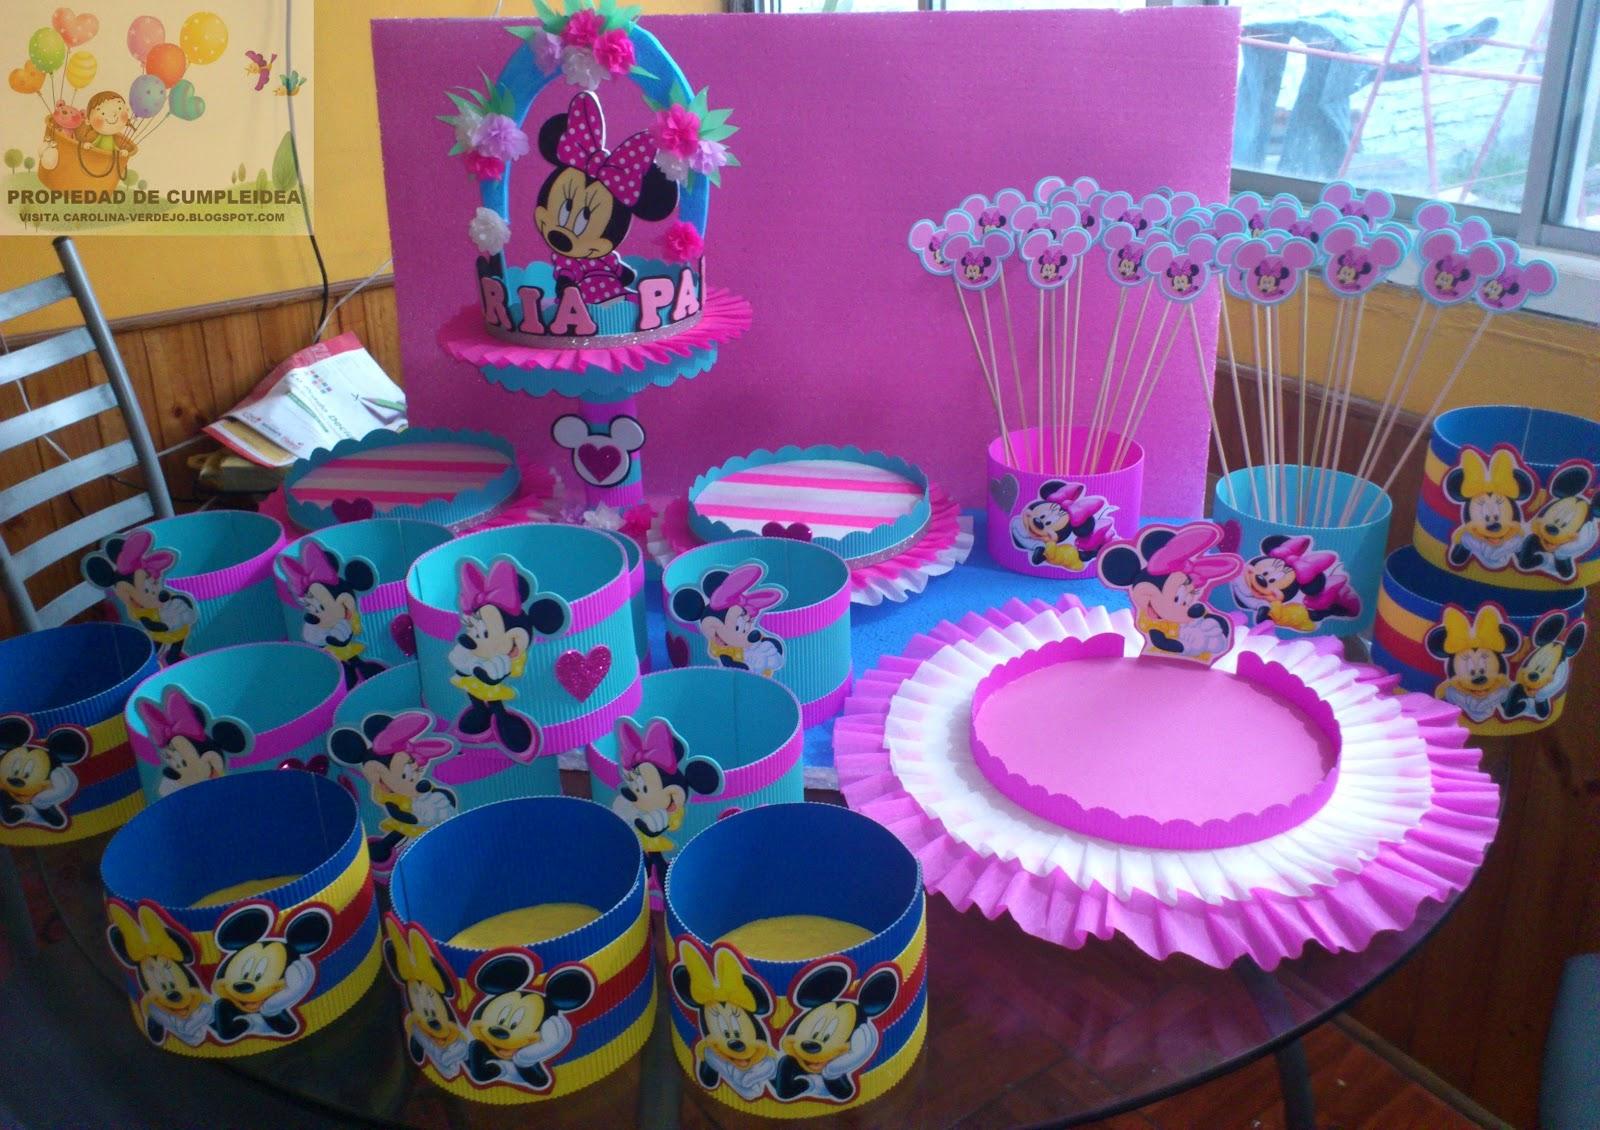 Decoraciones infantiles pack minnie flores for Decoraciones infantiles